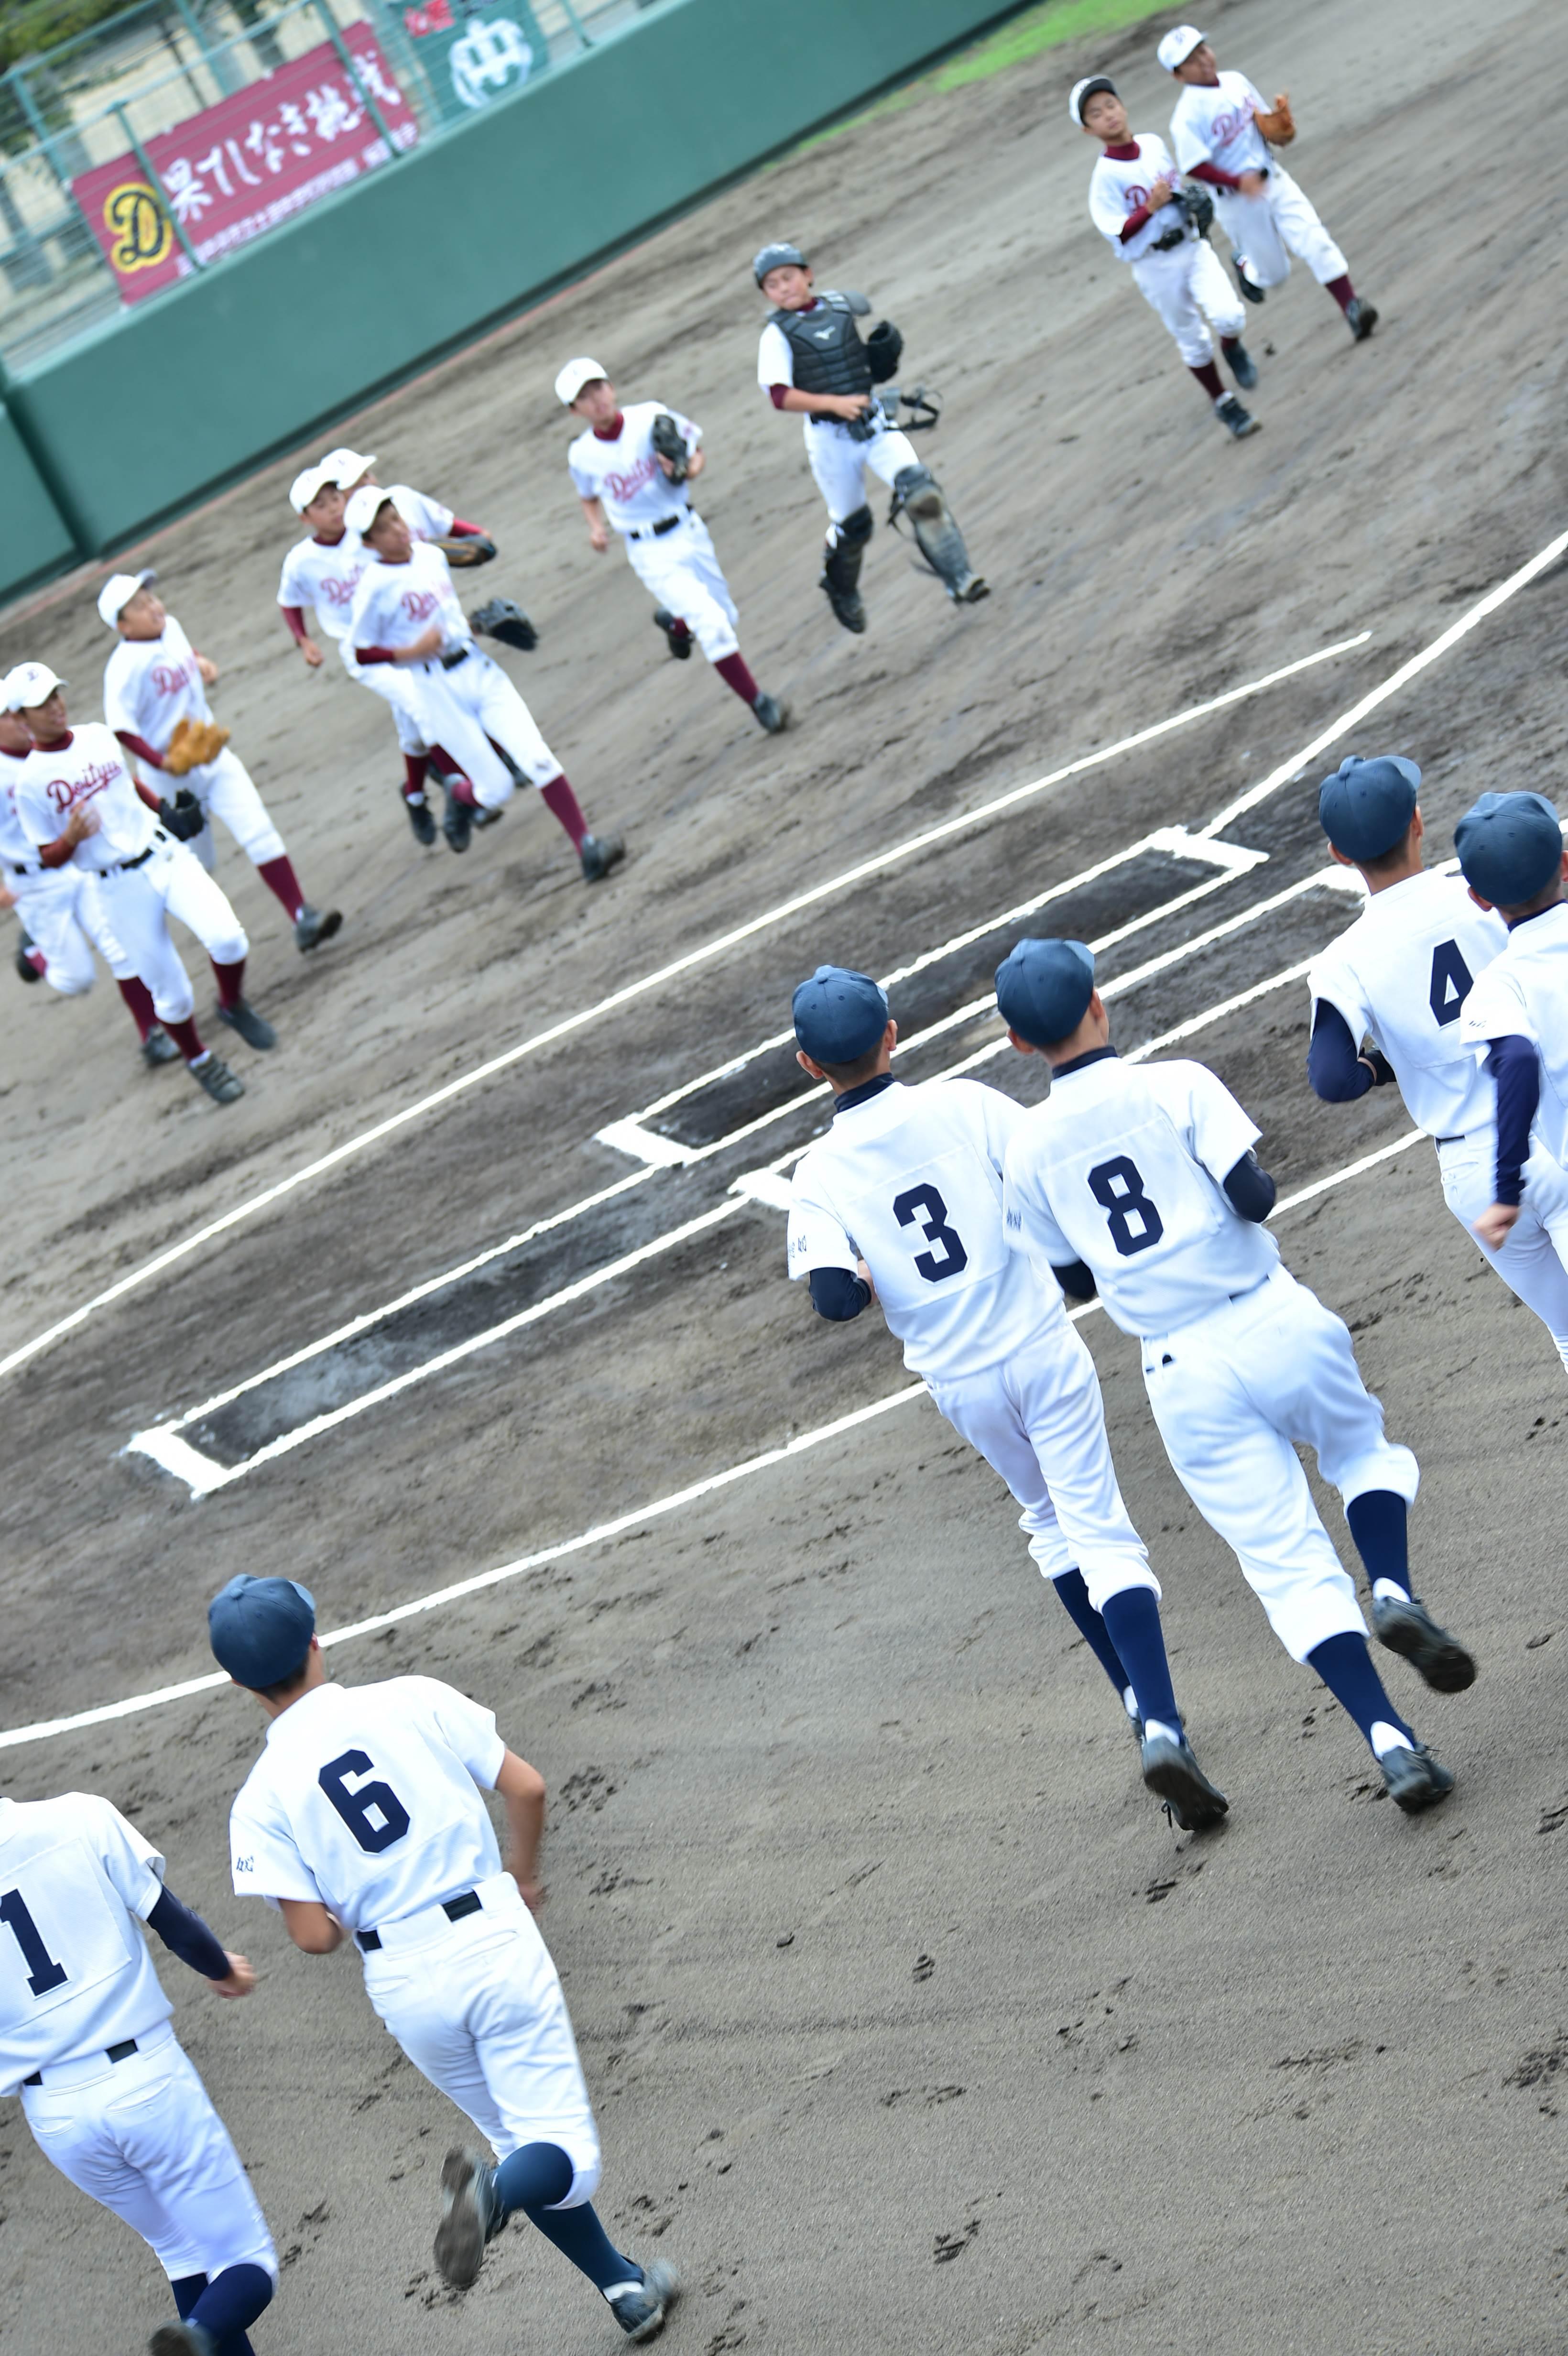 軟式野球 (11)